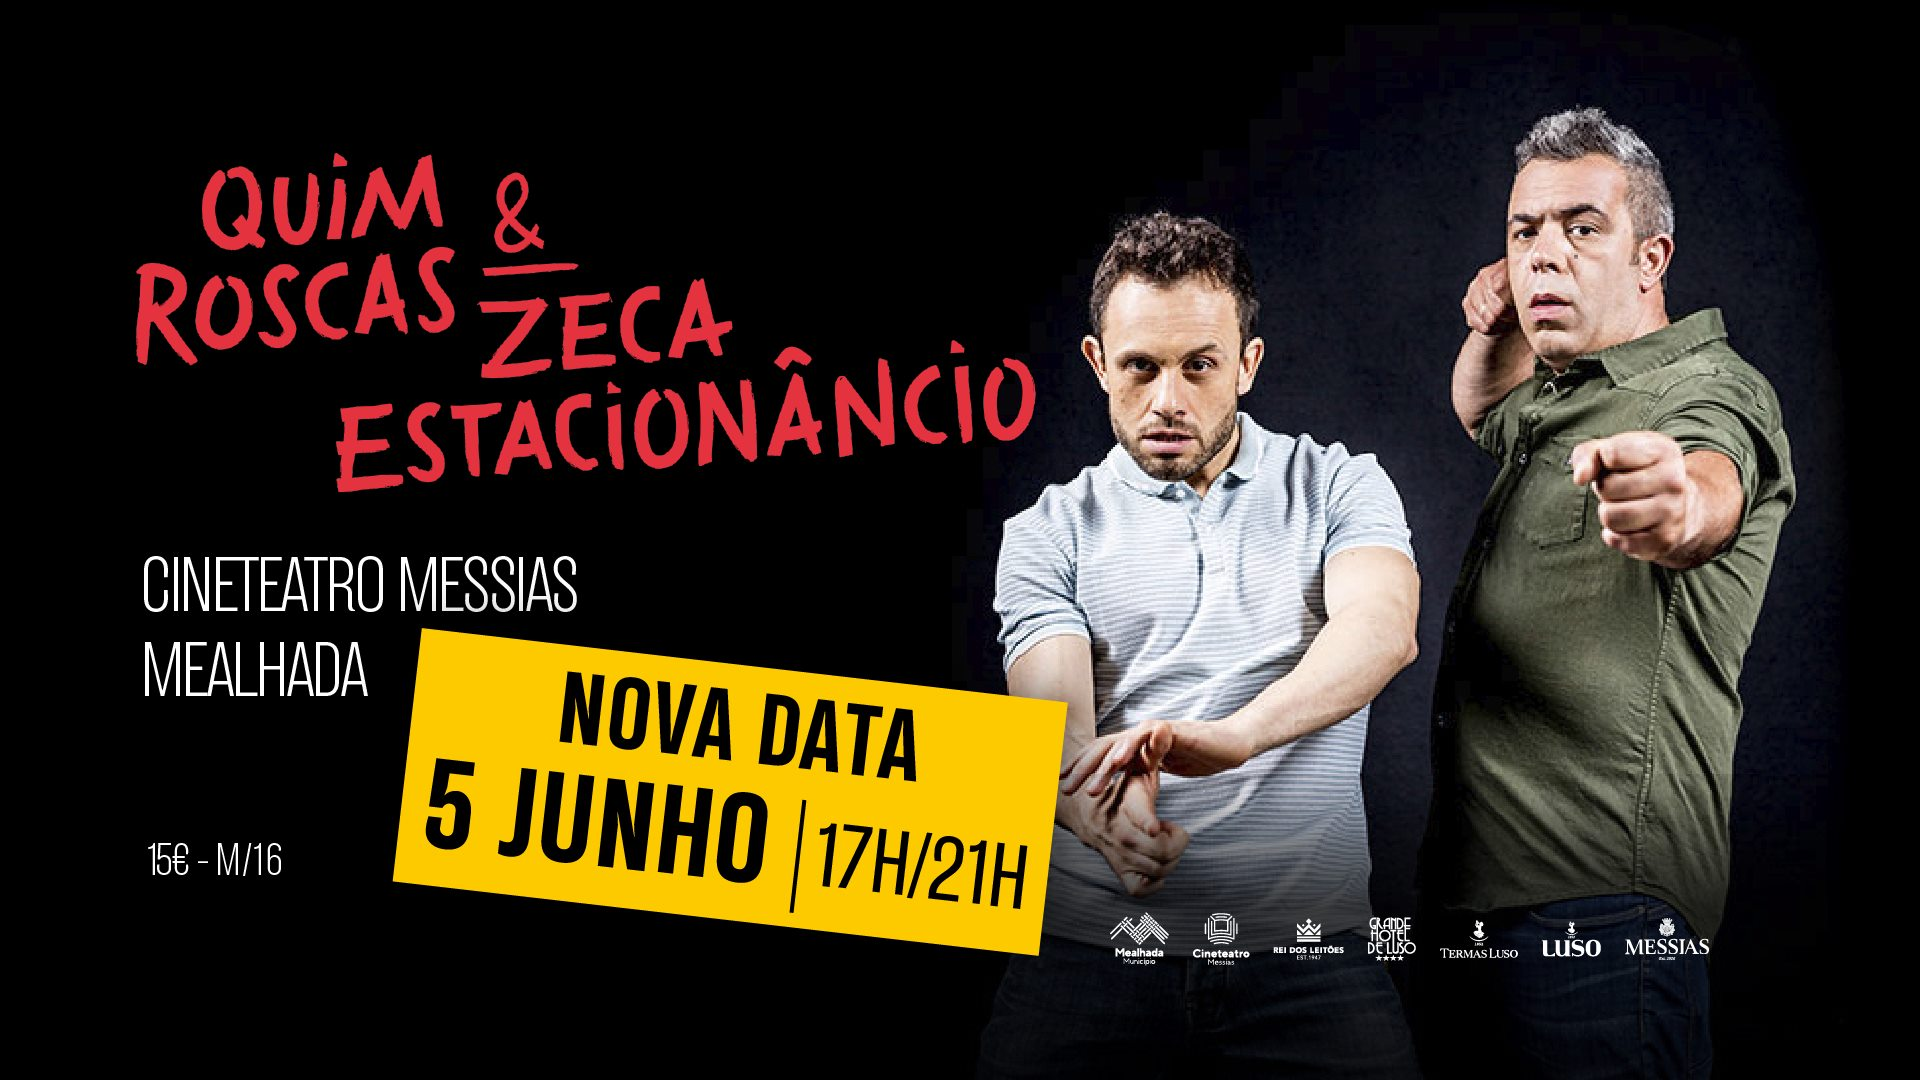 Quim Roscas & Zeca Estacionâncio